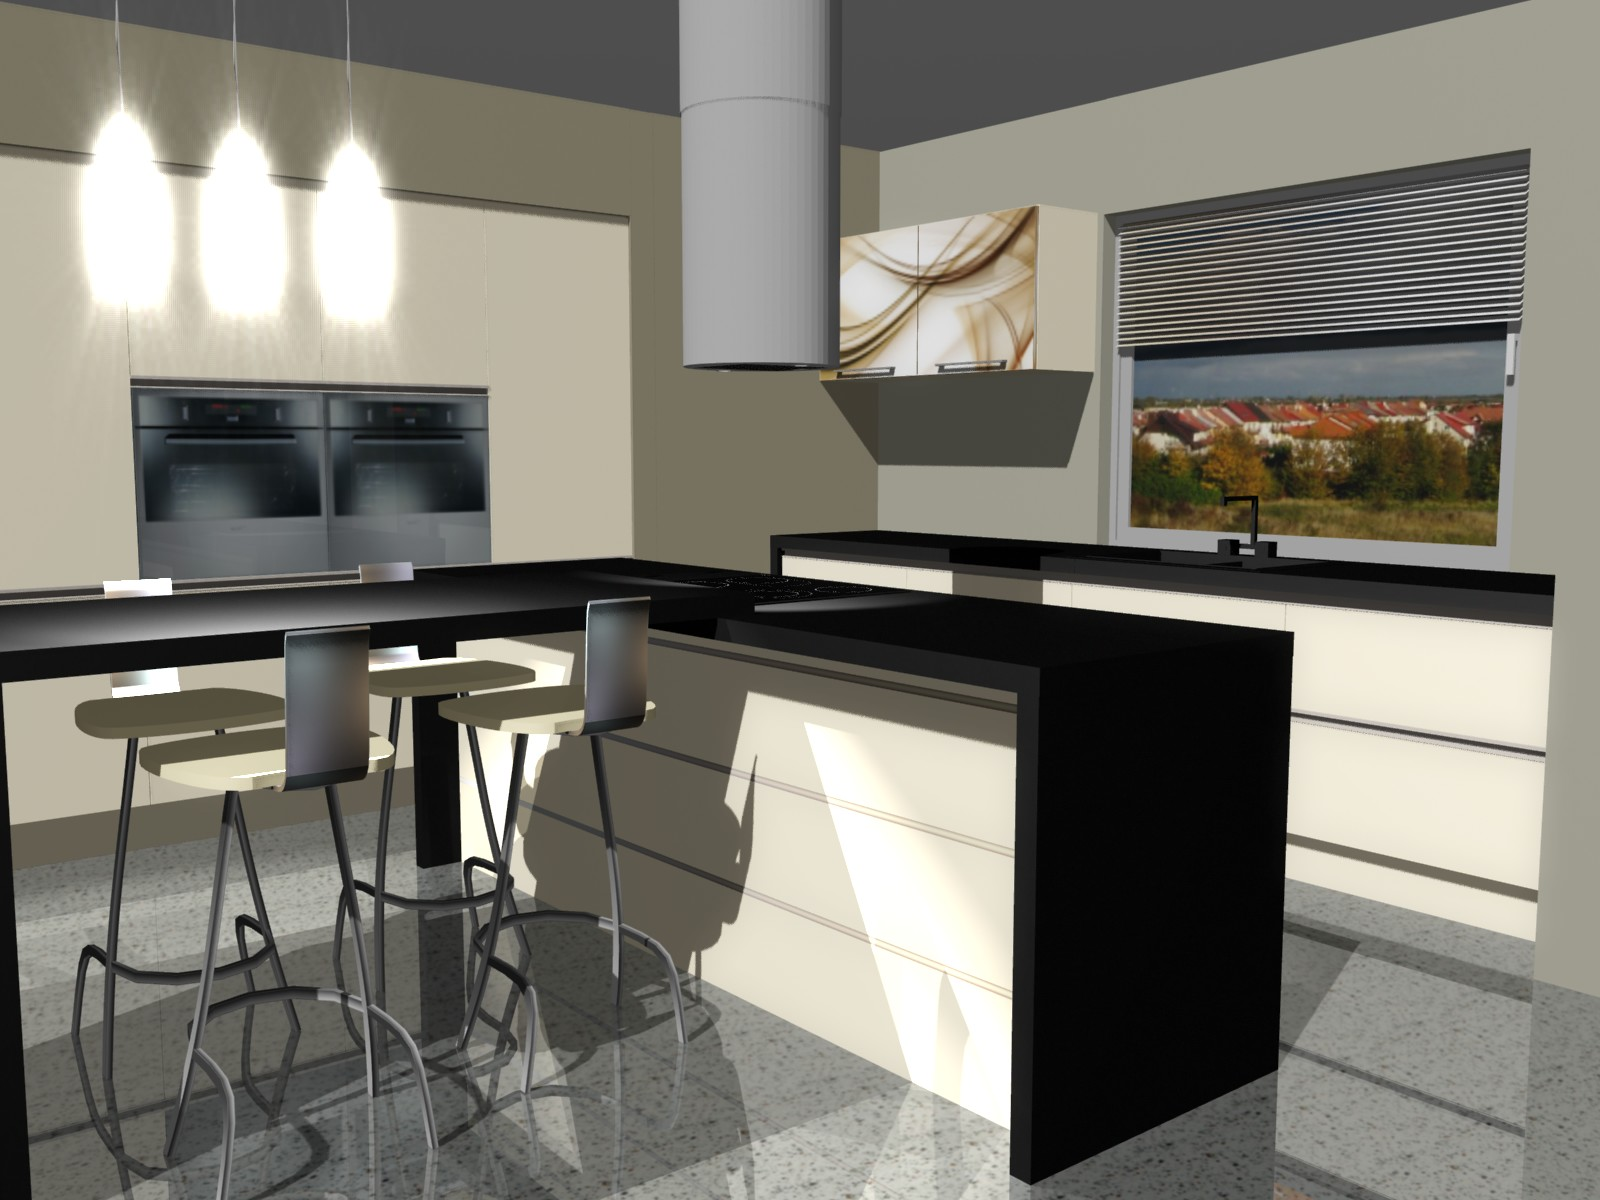 Projekty wyspy w kuchni -> Kuchnia Okap Wyspa